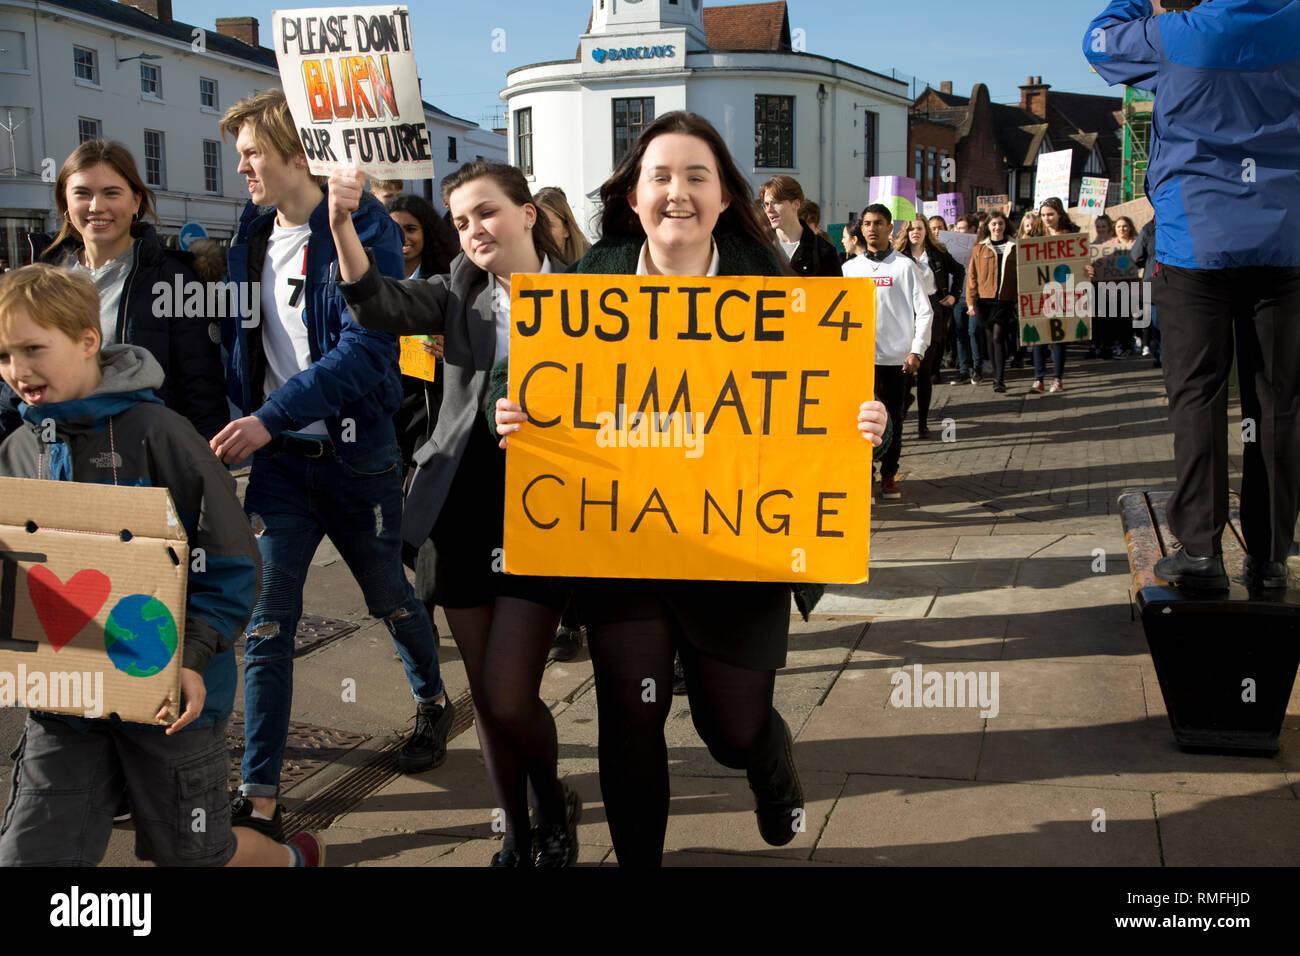 """Stratford-upon-Avon, Royaume-Uni. 15 févr. 2019. Les étudiants en grève portant des banderoles exigeant l'action du gouvernement sur le changement climatique au centre du 15 février 2018 Stratford-upon-Avon Royaume-uni. Dans leur lettre ouverte qu'ils disent au gouvernement: """"Nous avons eu assez; plus d'excuses, pas plus l'inaction; nous voulons un avenir et nous nous battrons pour cela."""" Nous vous remercions Crédit: Mark Boulton/Alamy Live News Banque D'Images"""